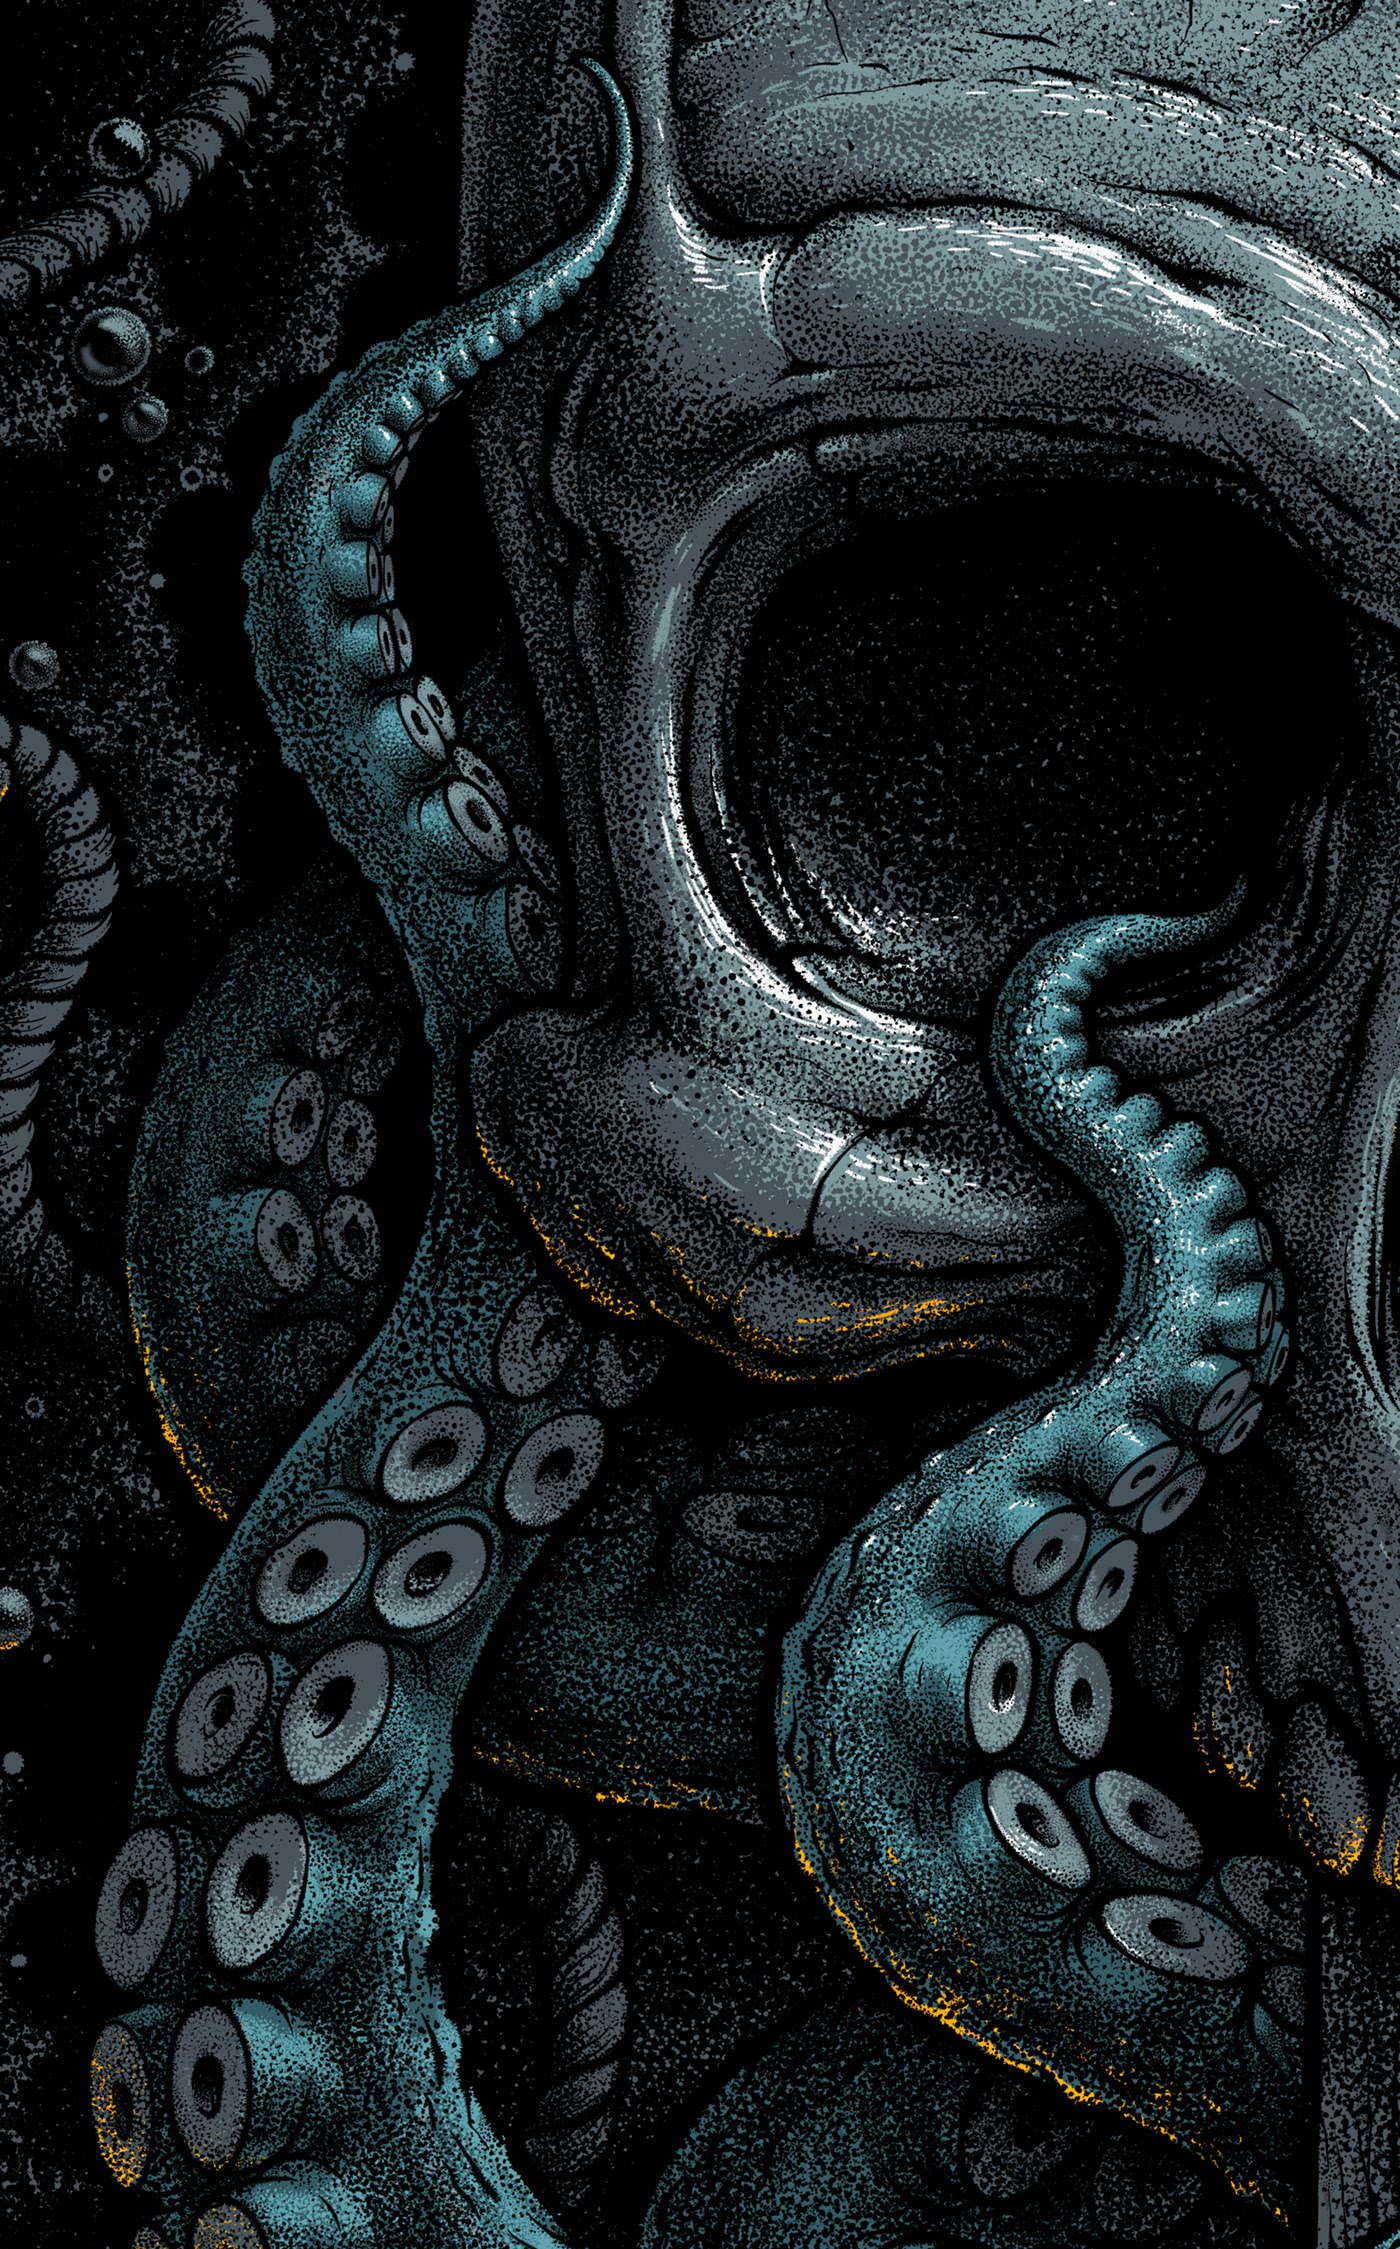 Kraken On Behance Kraken Art Kraken Art Wallpaper Iphone